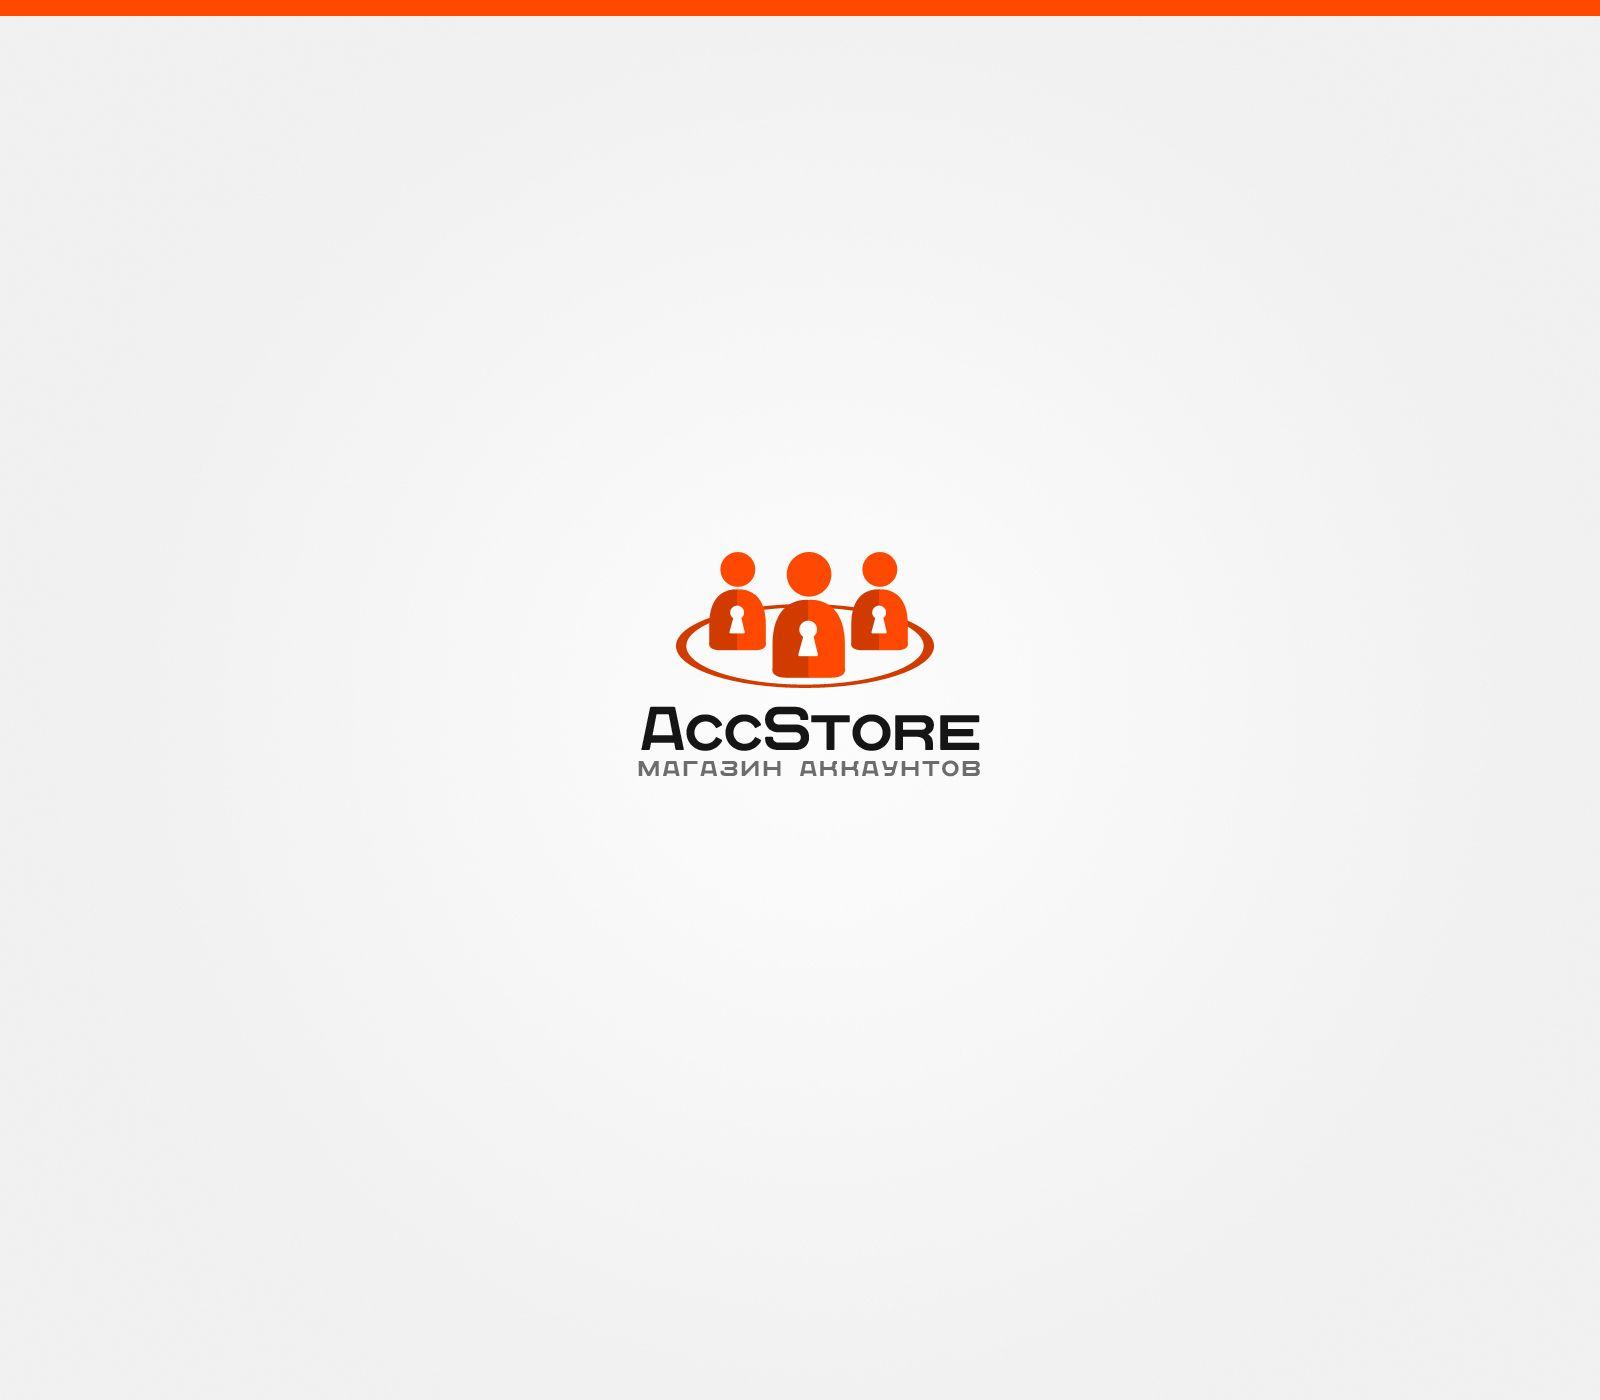 Логотип для магазина аккаунтов - дизайнер benks